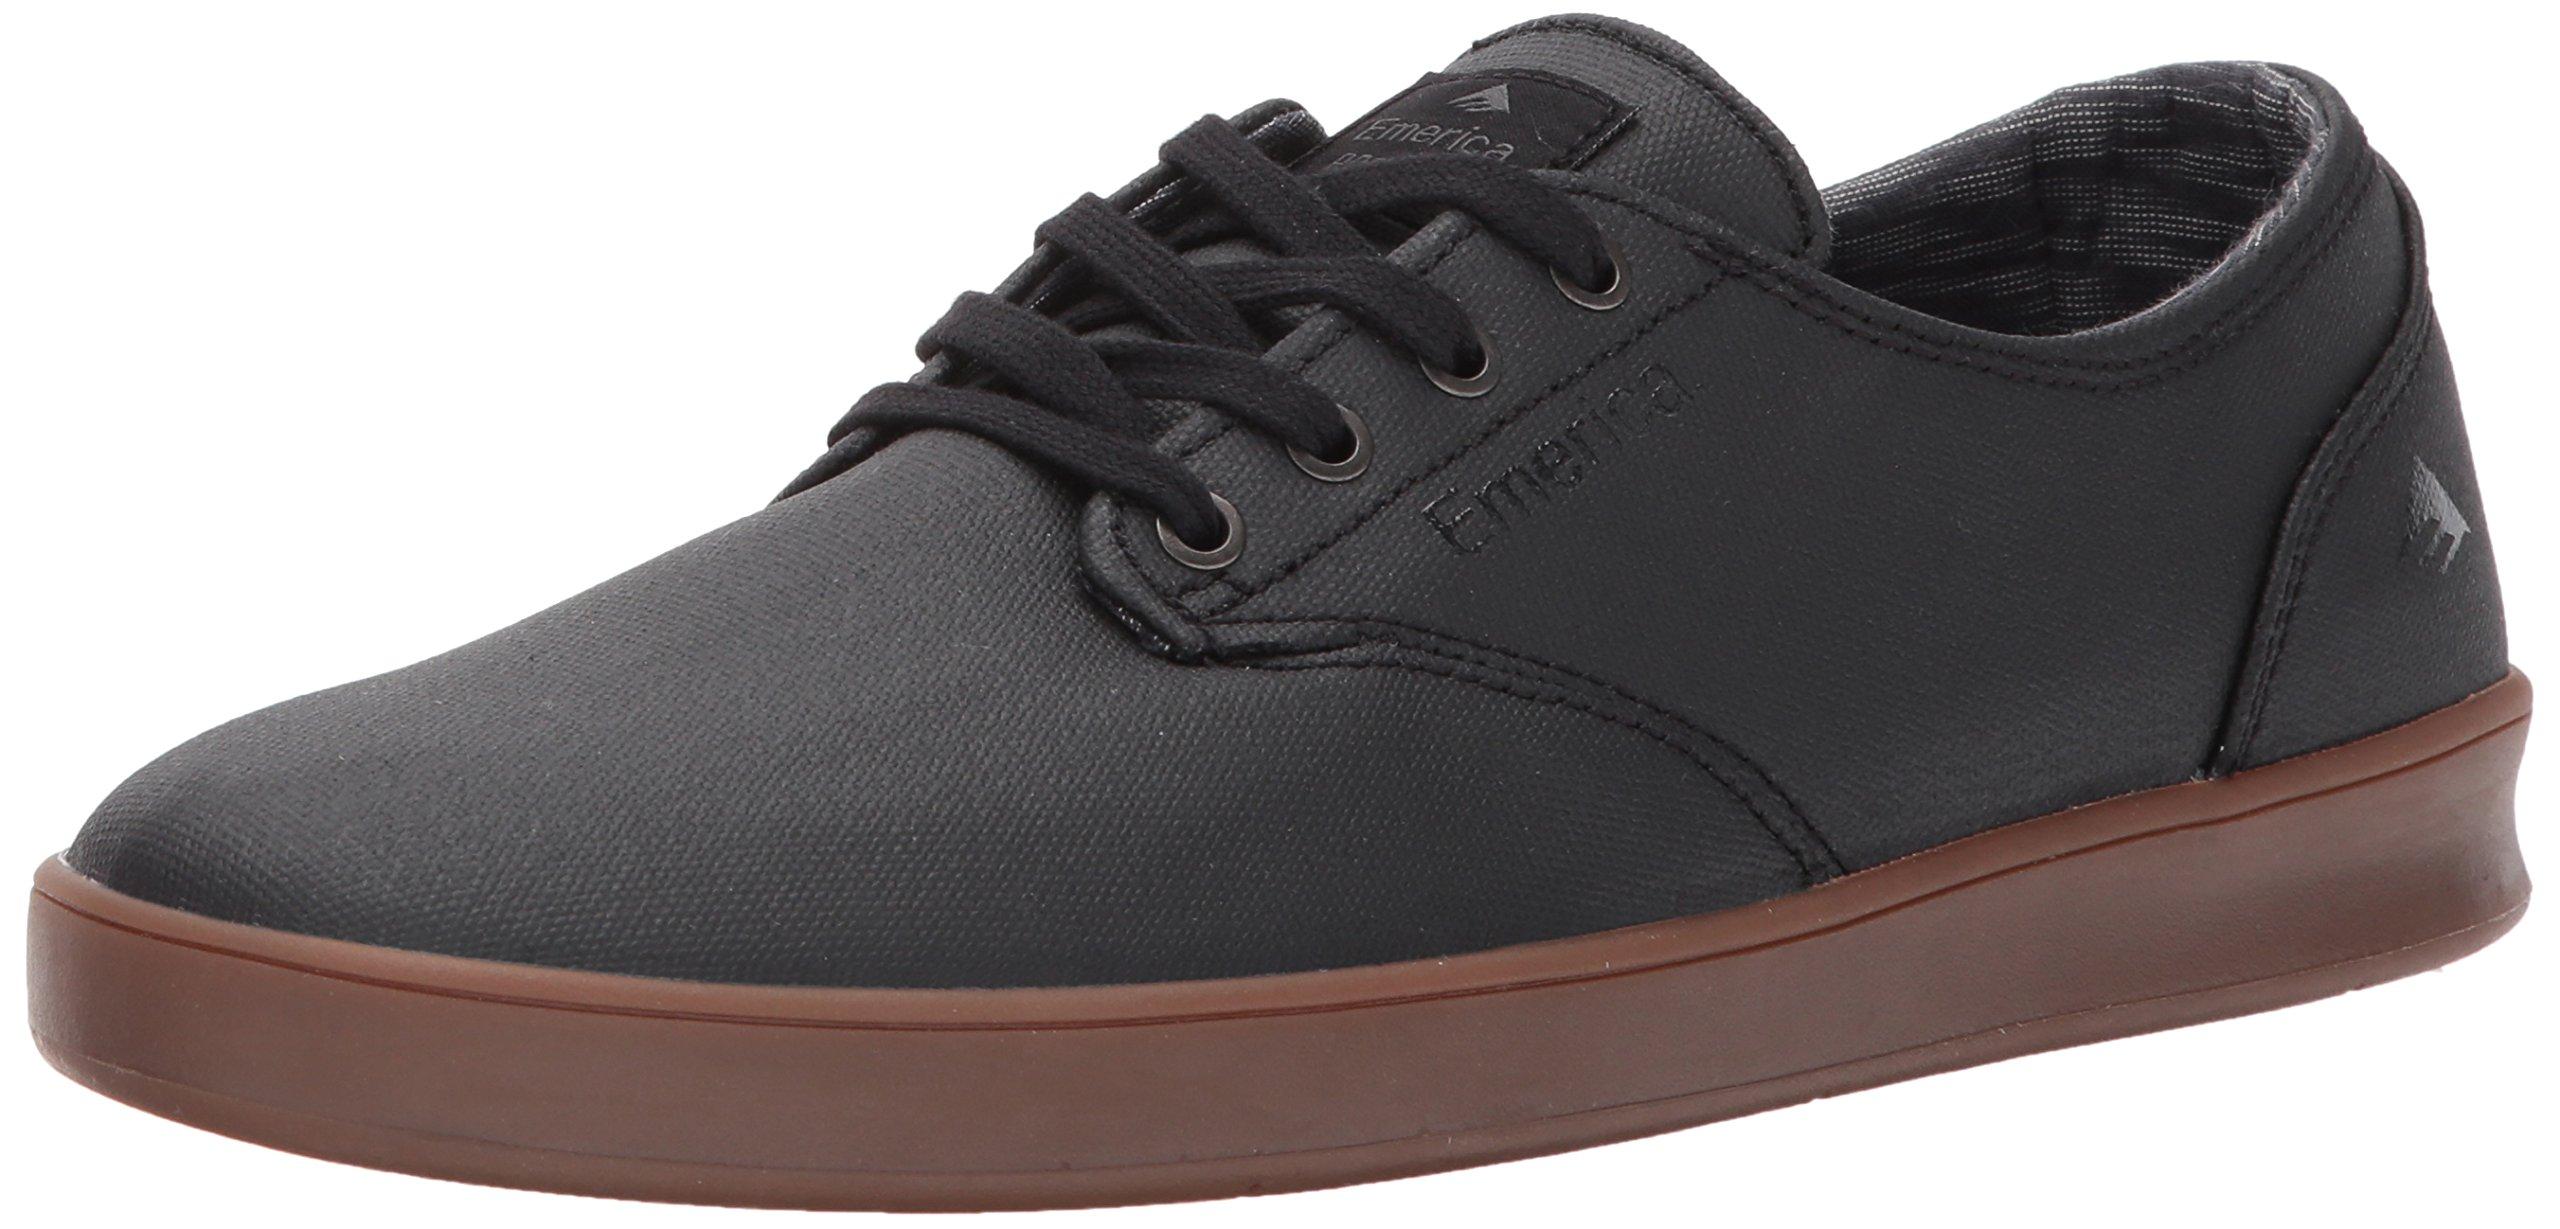 Emerica Men's The Romero Laced Skate Shoe, Black/Gum/Dark Grey, 8.5 Medium US